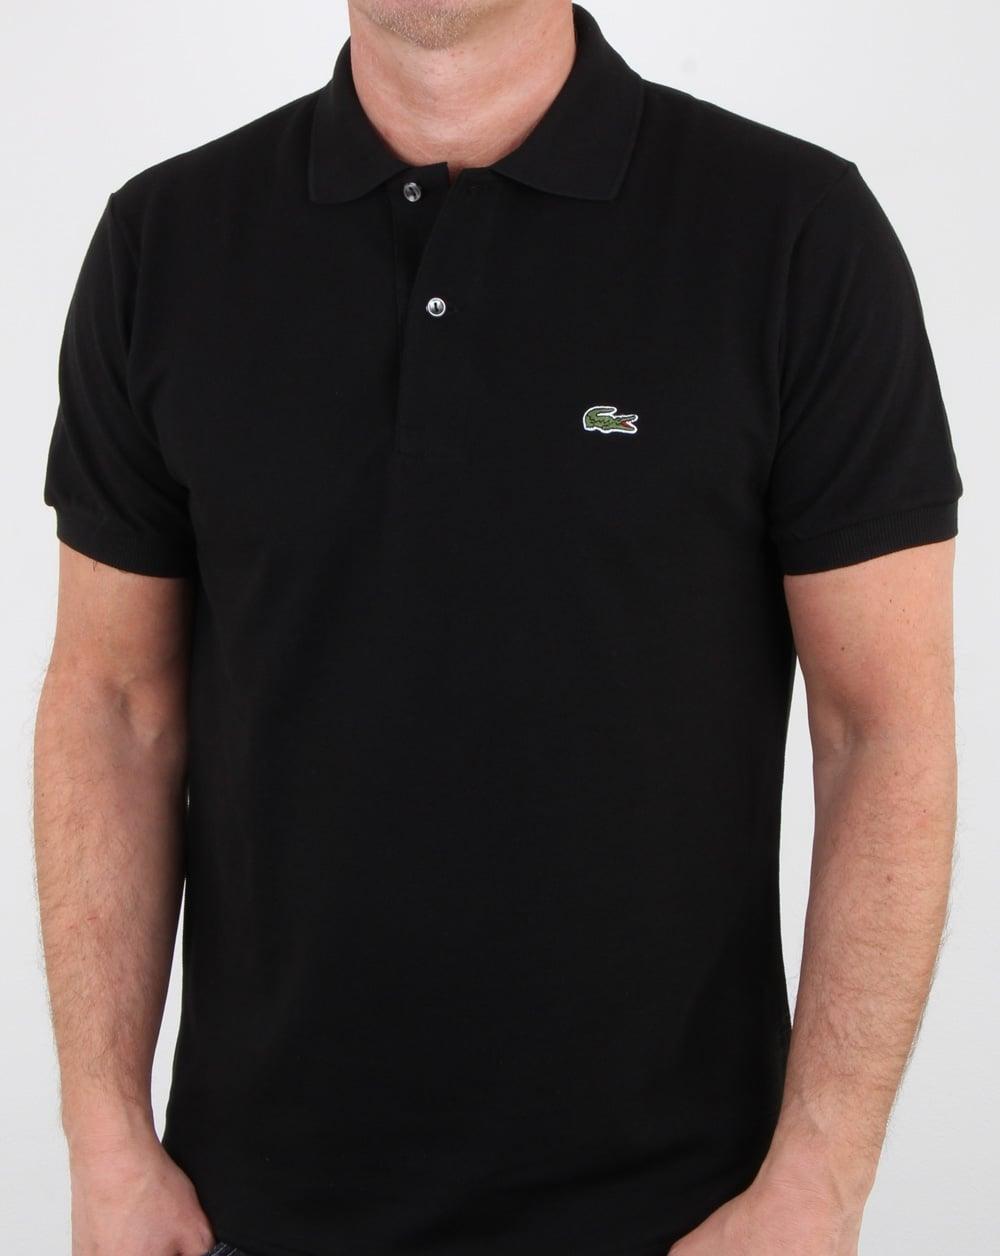 05cfa94c2 Lacoste Classic Two Button Polo Shirt Black, Mens, Cotton, Polo, Croc